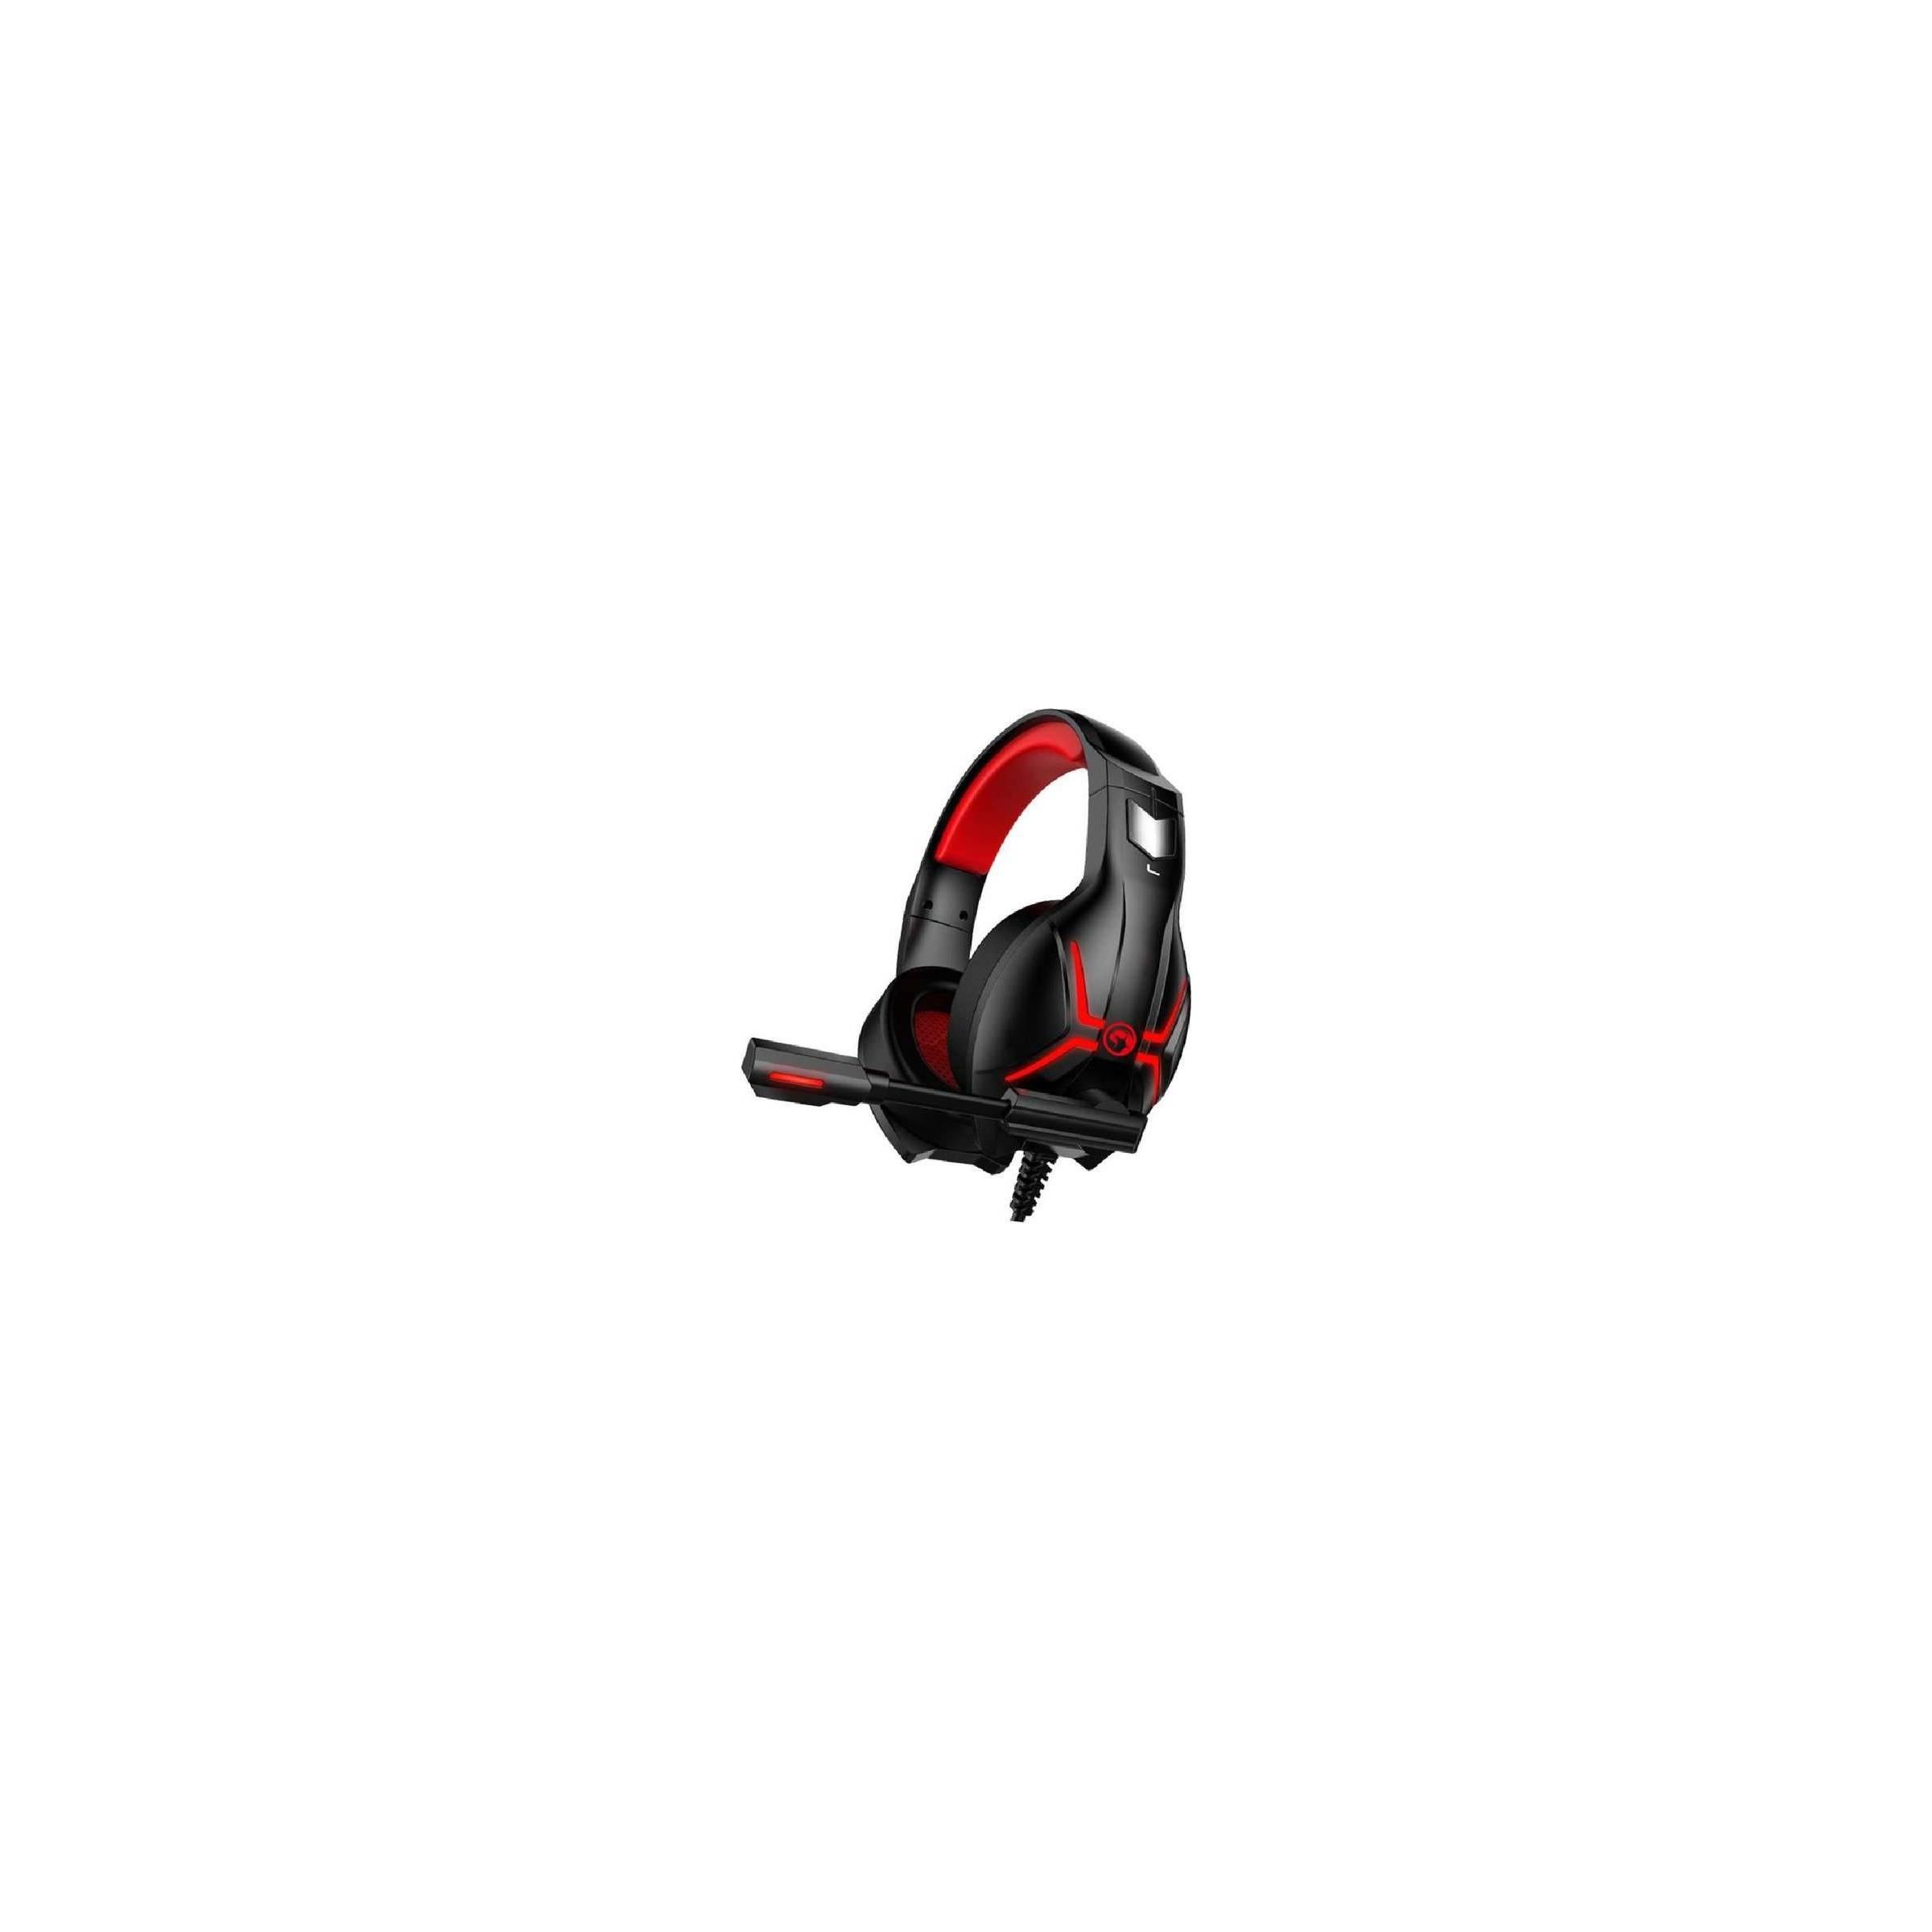 Marvo gaming headset hg8928 til pc og ps4 fra scorpion by marvo på mackabler.dk